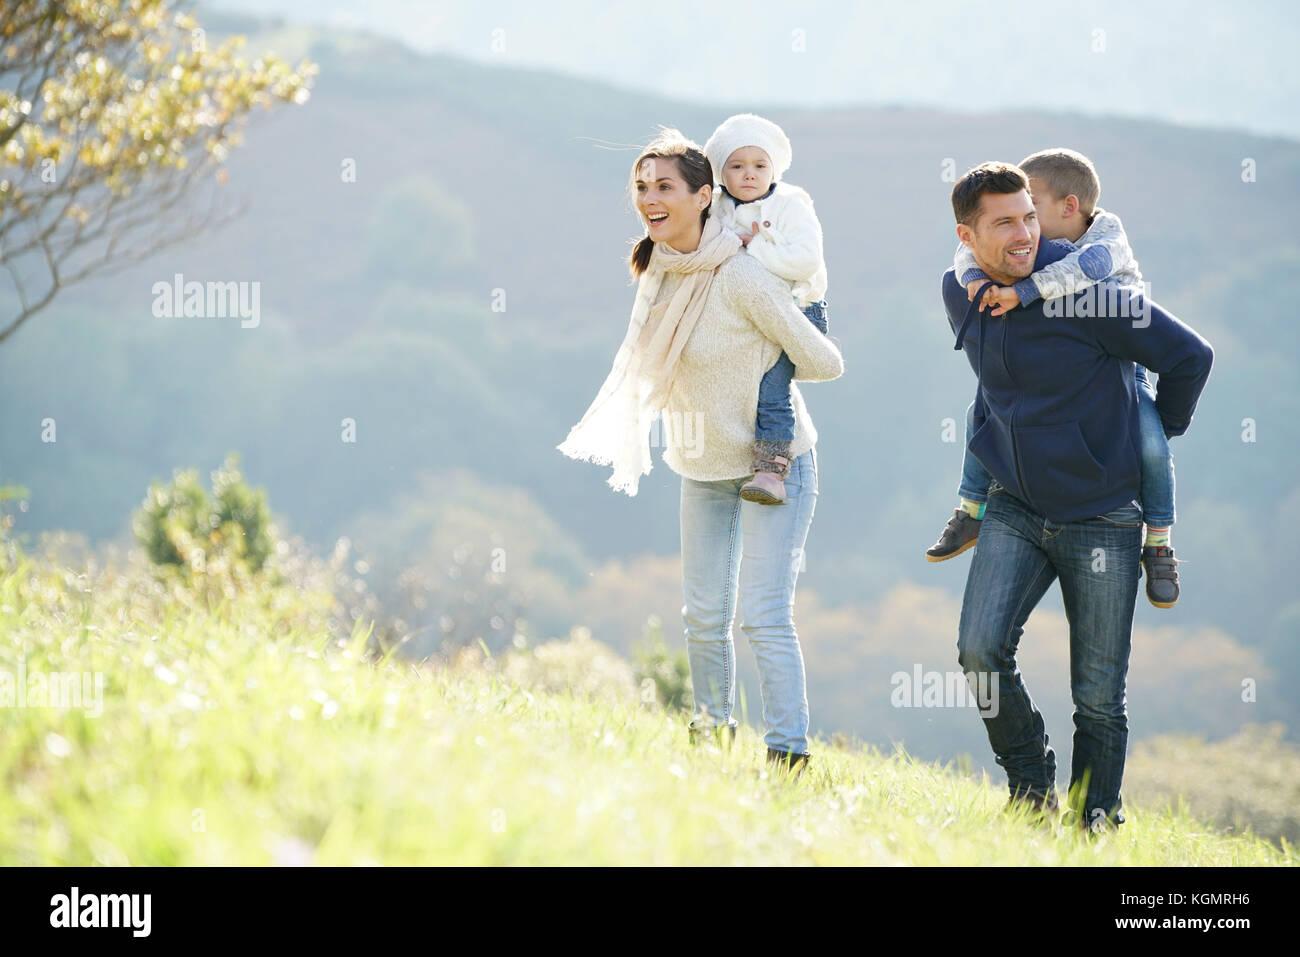 La famiglia felice passeggiate in campagna autunnale di week-end Immagini Stock